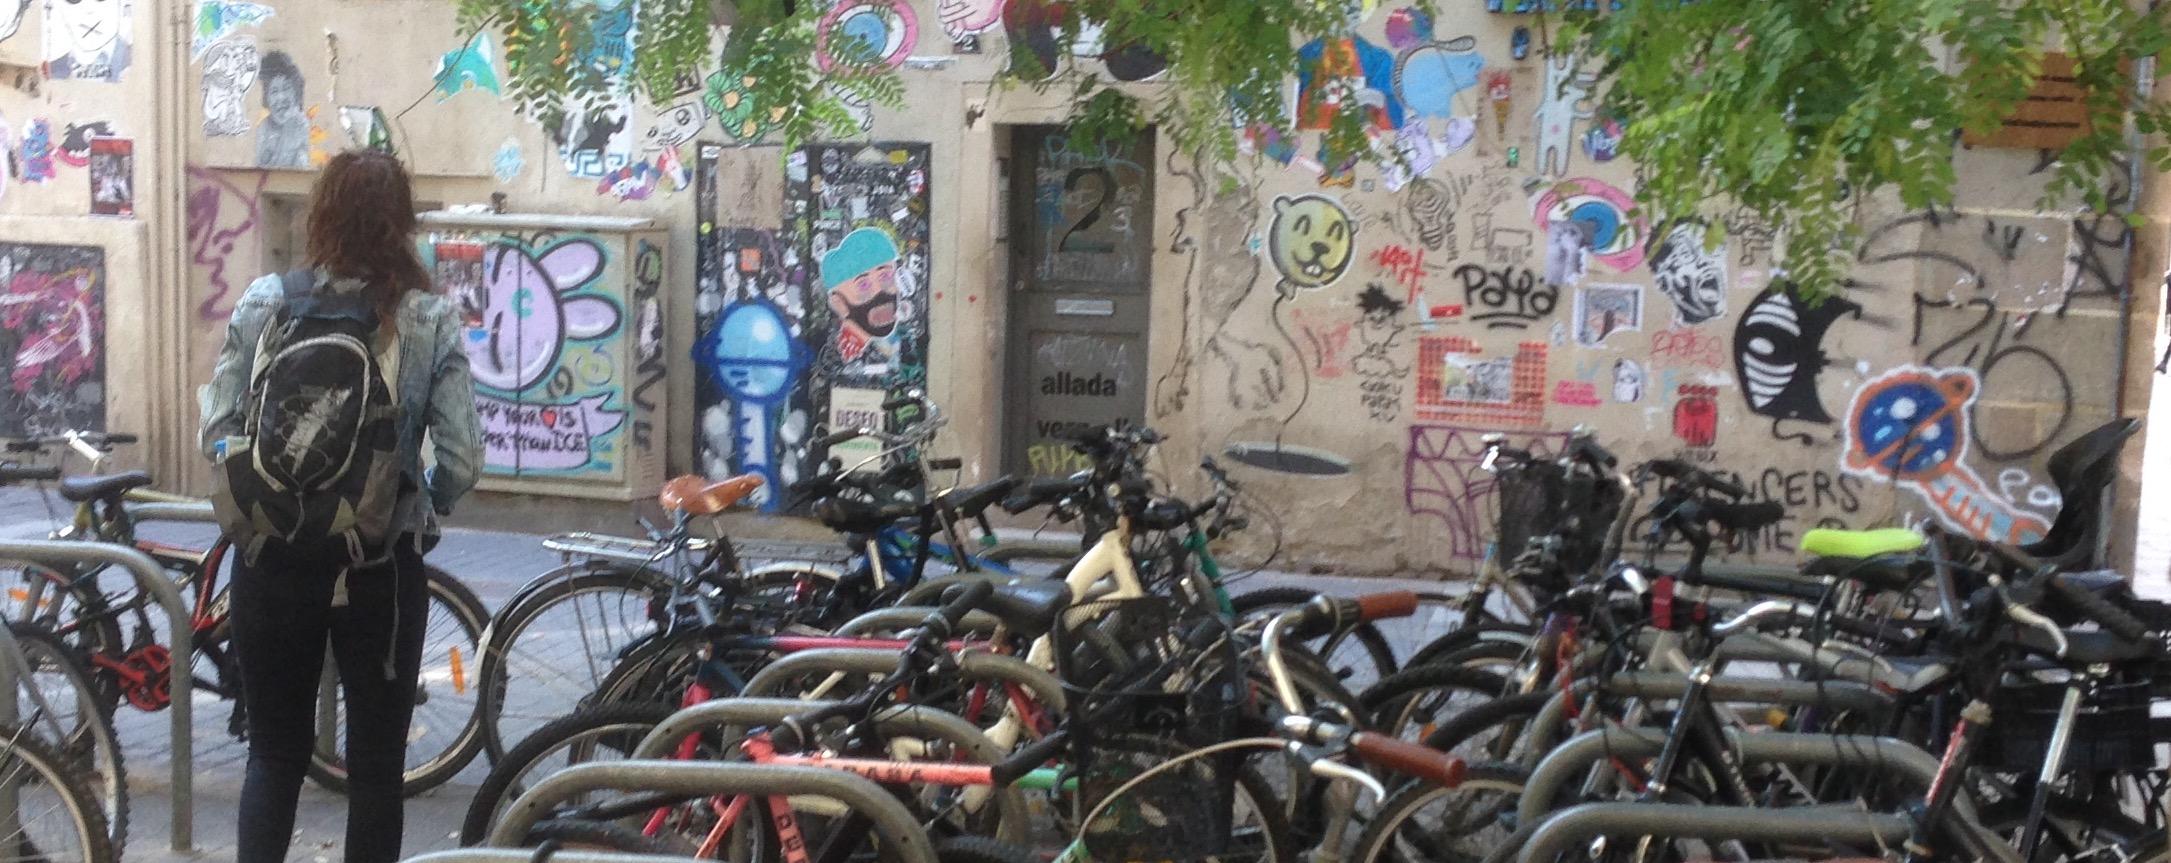 Una noia contempla el mur creatiu del carrer Allada Vermell, com si estigués en un museu a l'aire lliure.